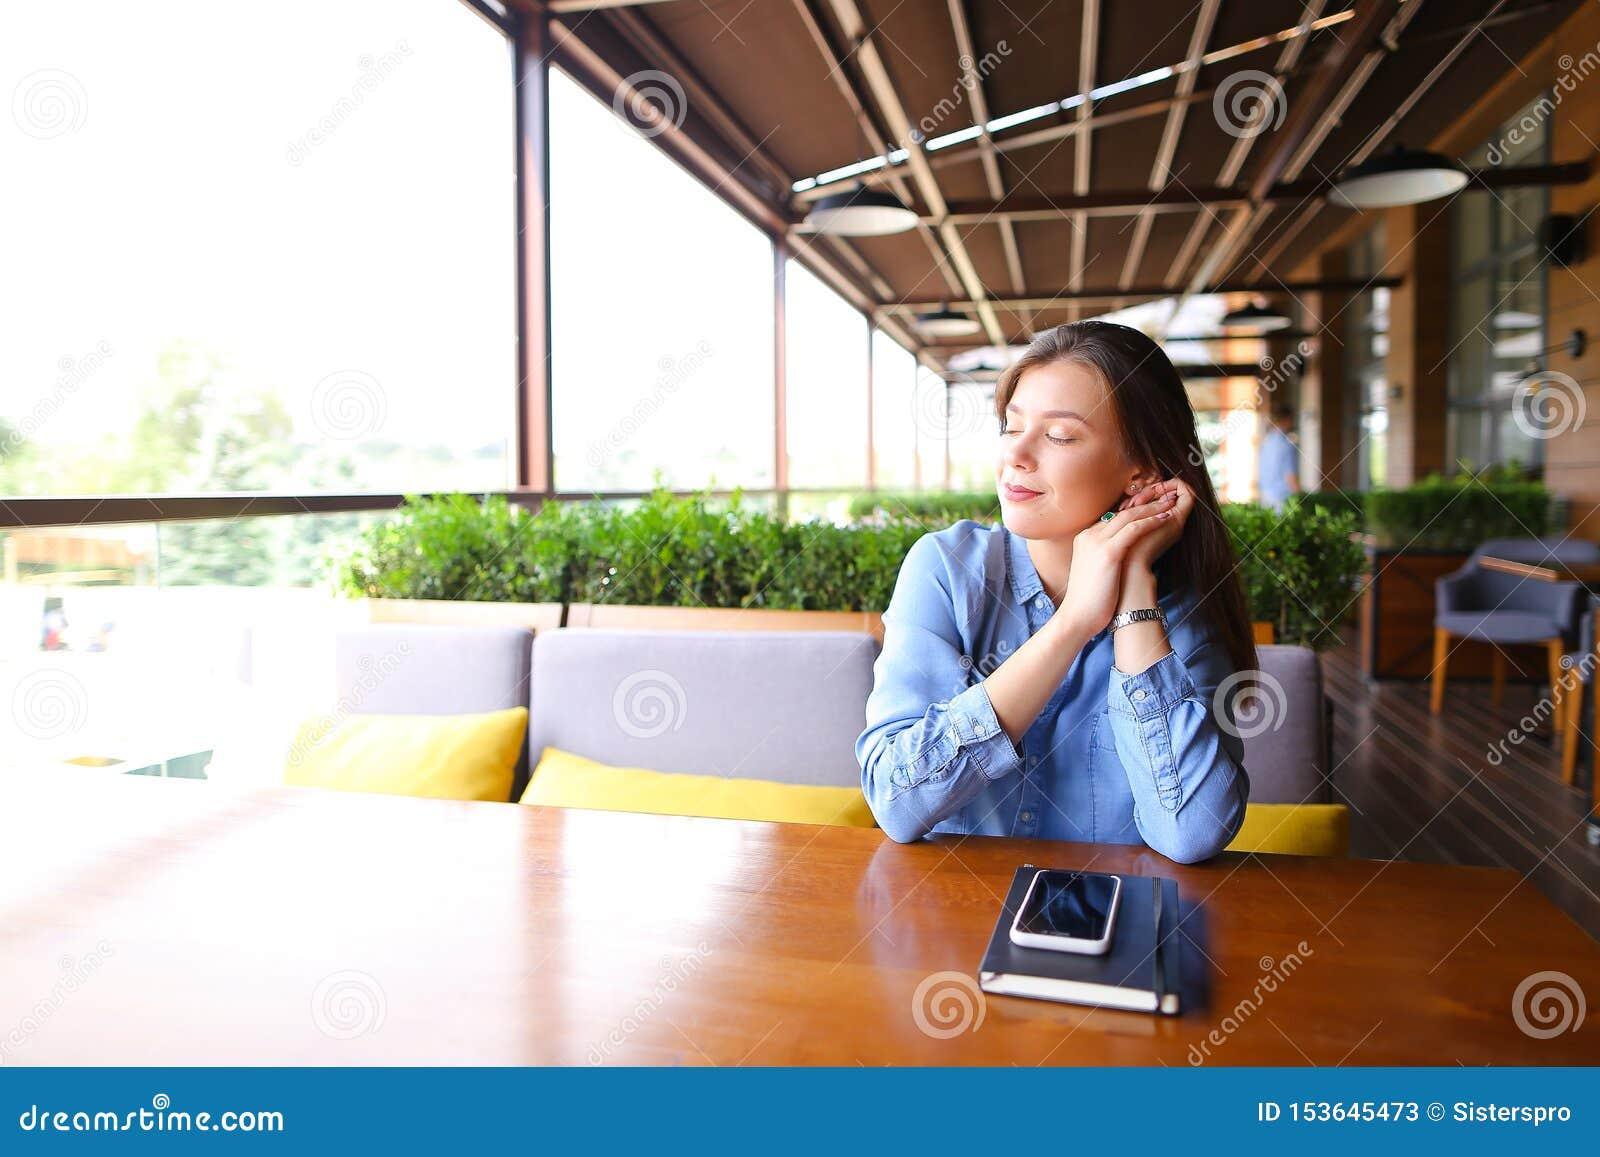 Студентка сидя на кафе со смартфоном и тетради на таблице